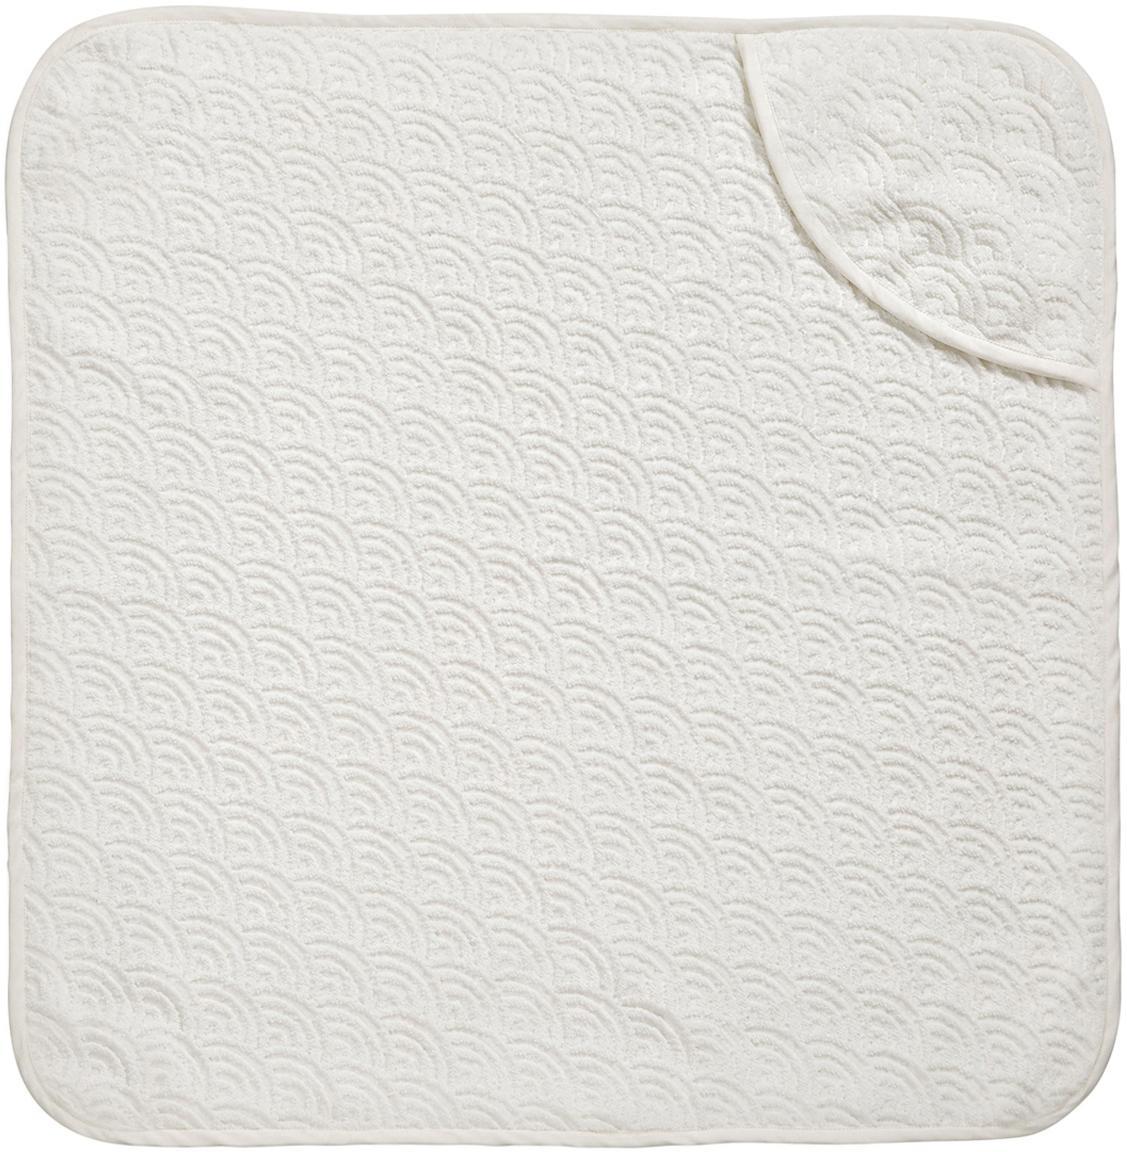 Toalla baño bebé de algodón ecológico Wave, Algodón orgánico, Blanco crudo, An 80 x L 80 cm